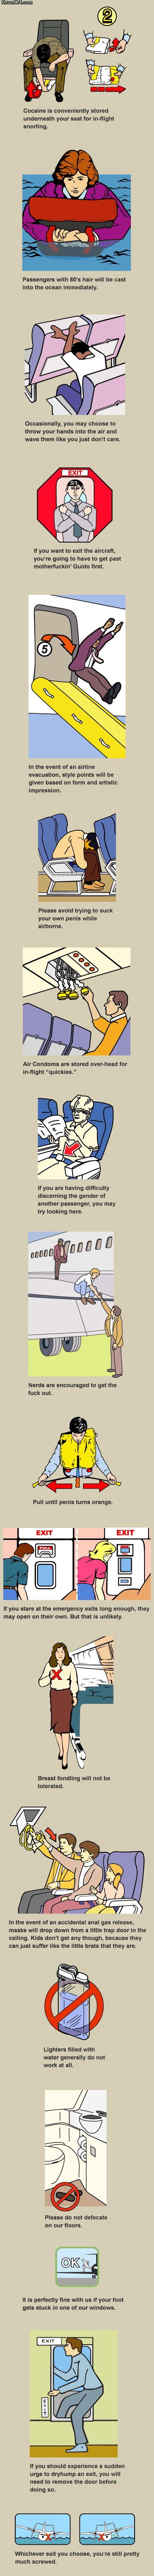 airline_safety.jpg